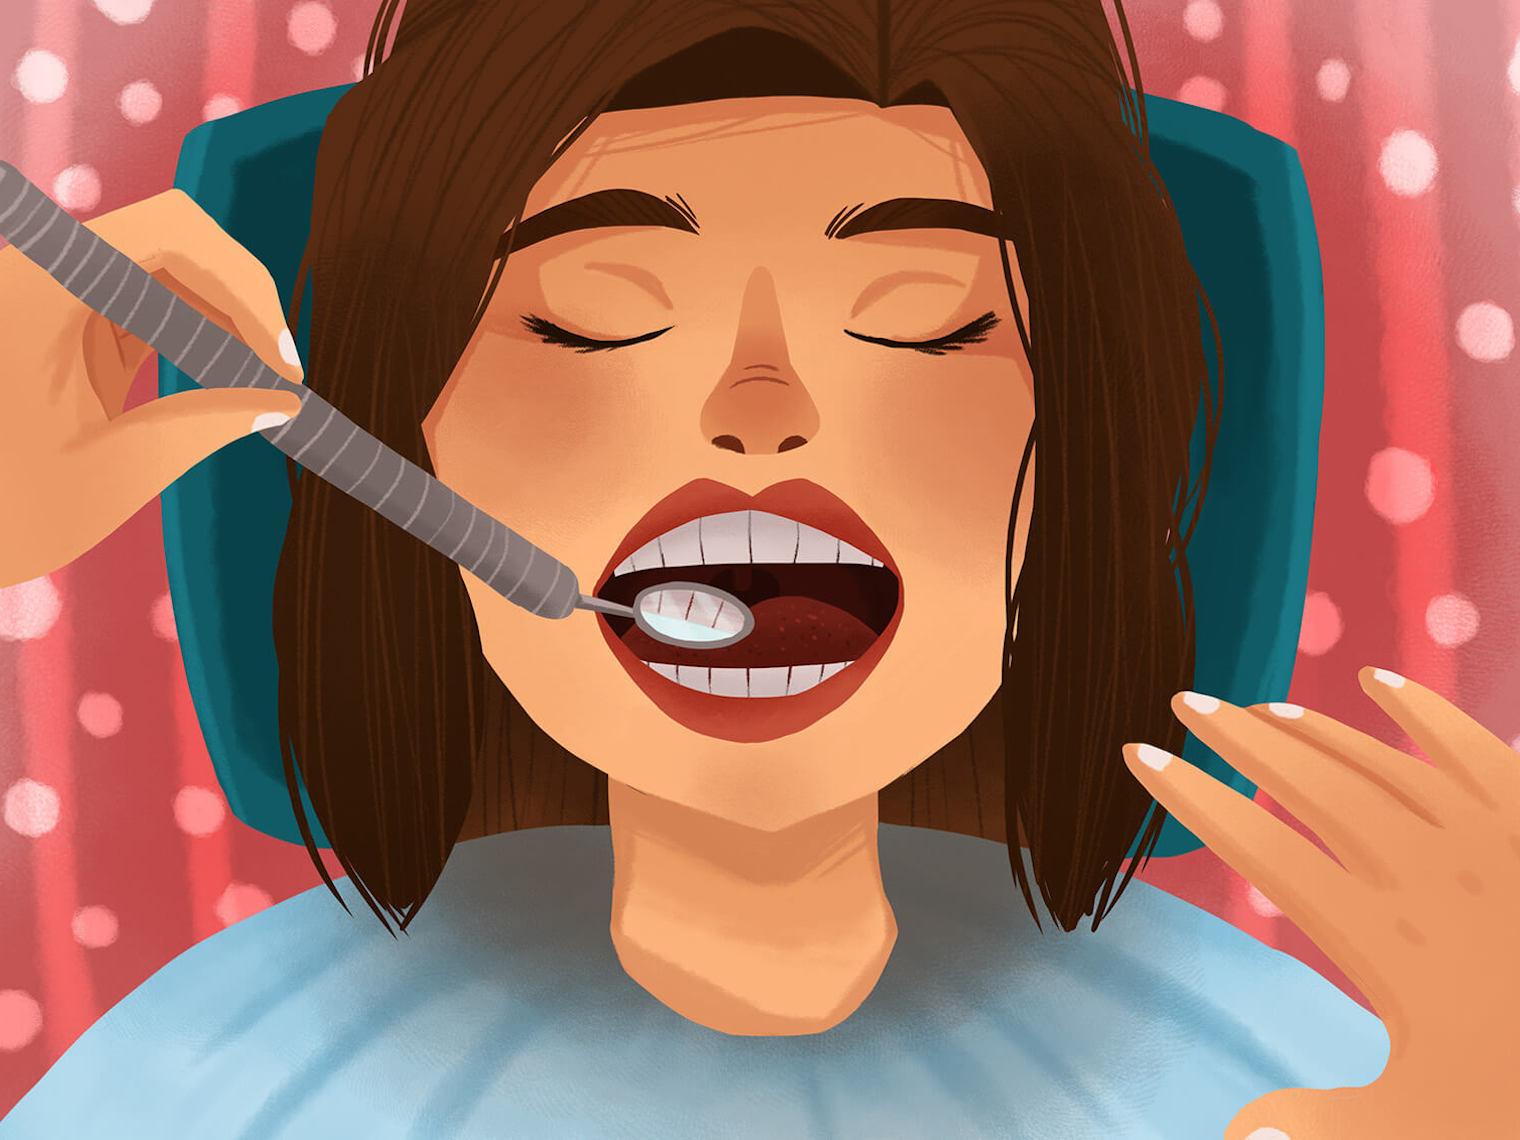 聽聽穆樂牙醫的醫師專家建議,讓牙齒刷得更乾淨吧!洗牙的專業名詞為全口牙結石清除,穆樂的醫師針對「洗牙療程」設計一套步驟,包括:全口檢查、高解析度口內照片拍攝、牙菌斑檢測、醫師解說、洗牙、口腔衛教。